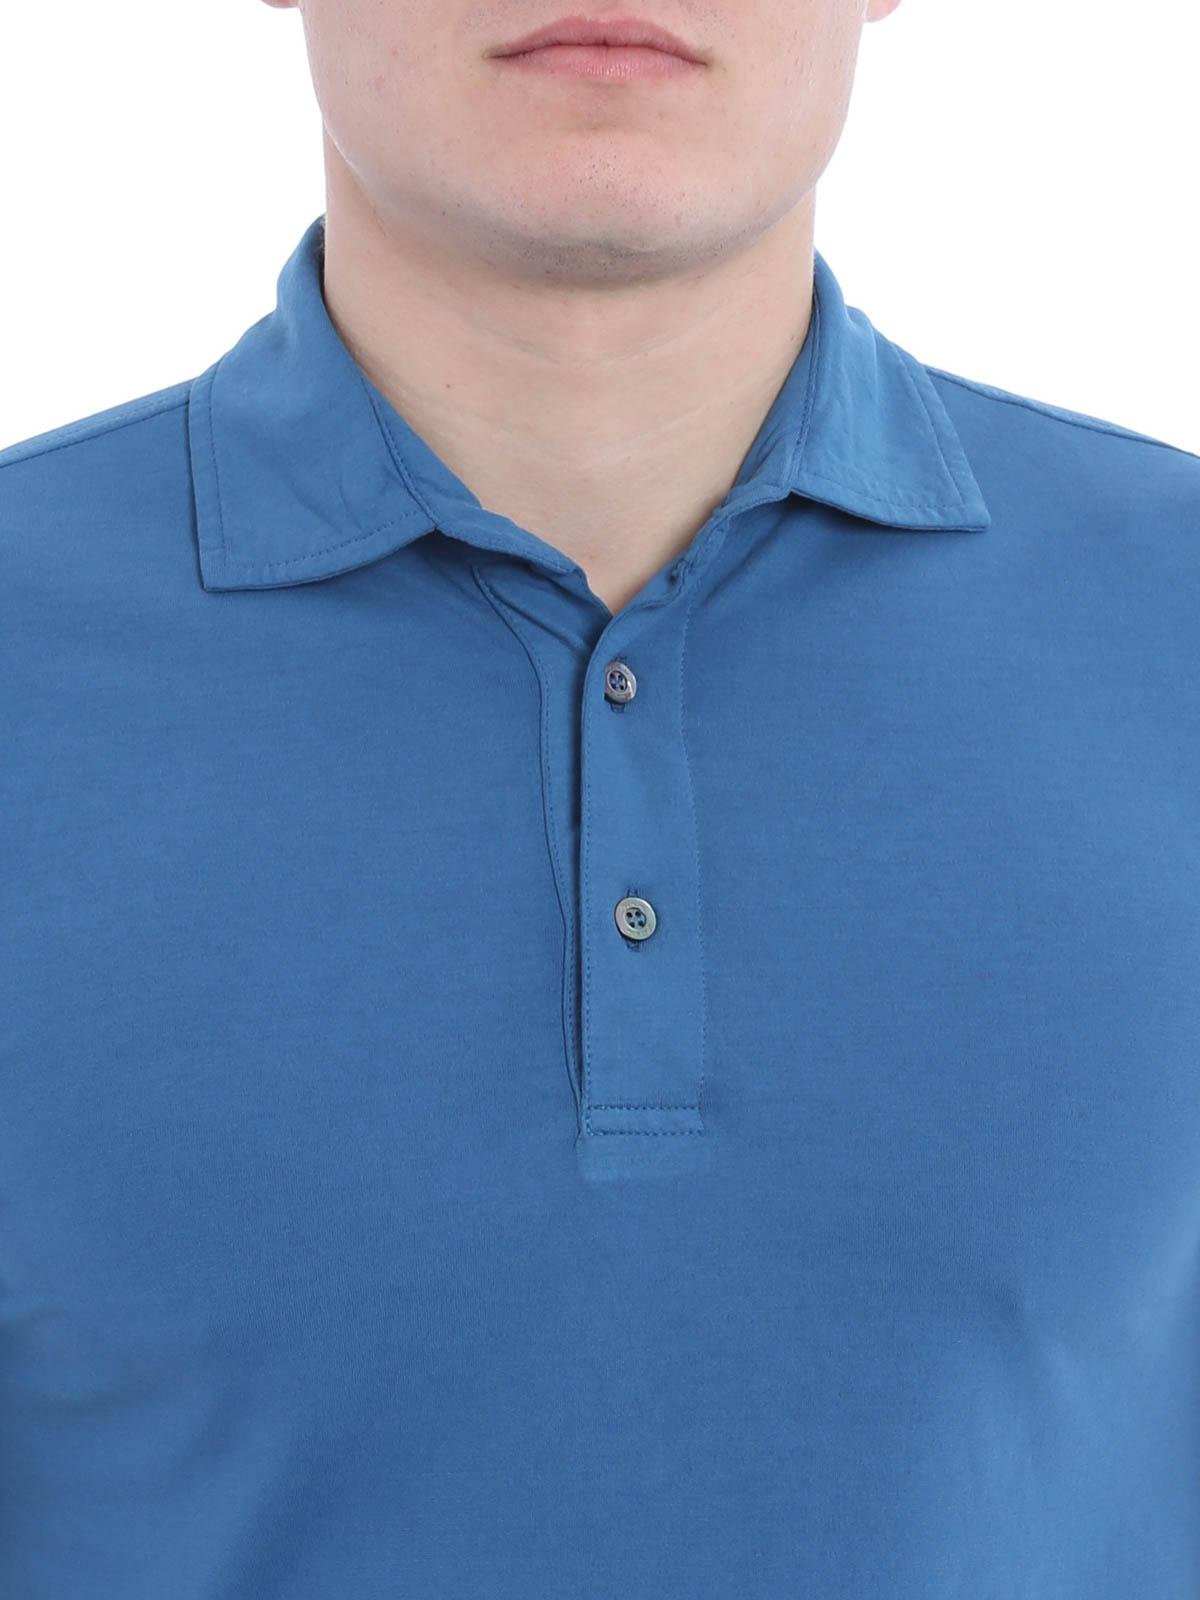 Poloshirt Fur Herren Hellblau von Drumohr Poloshirts